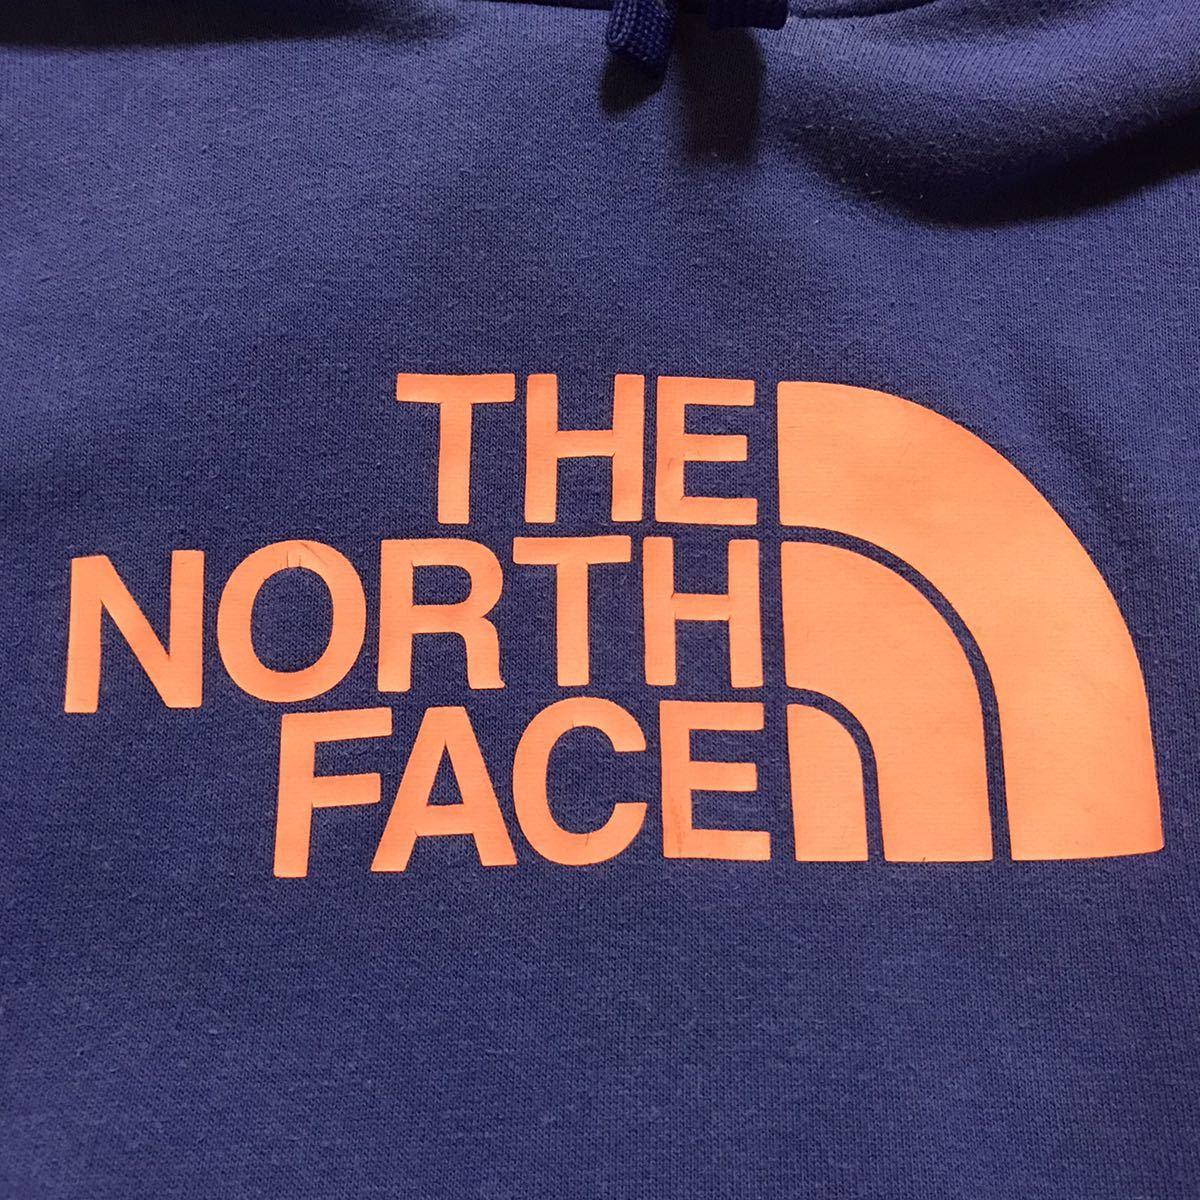 THE NORTH FACE ザ ノースフェイス スウェットパーカープルオーバーパーカー ビッグロゴ メキシコ製 古着